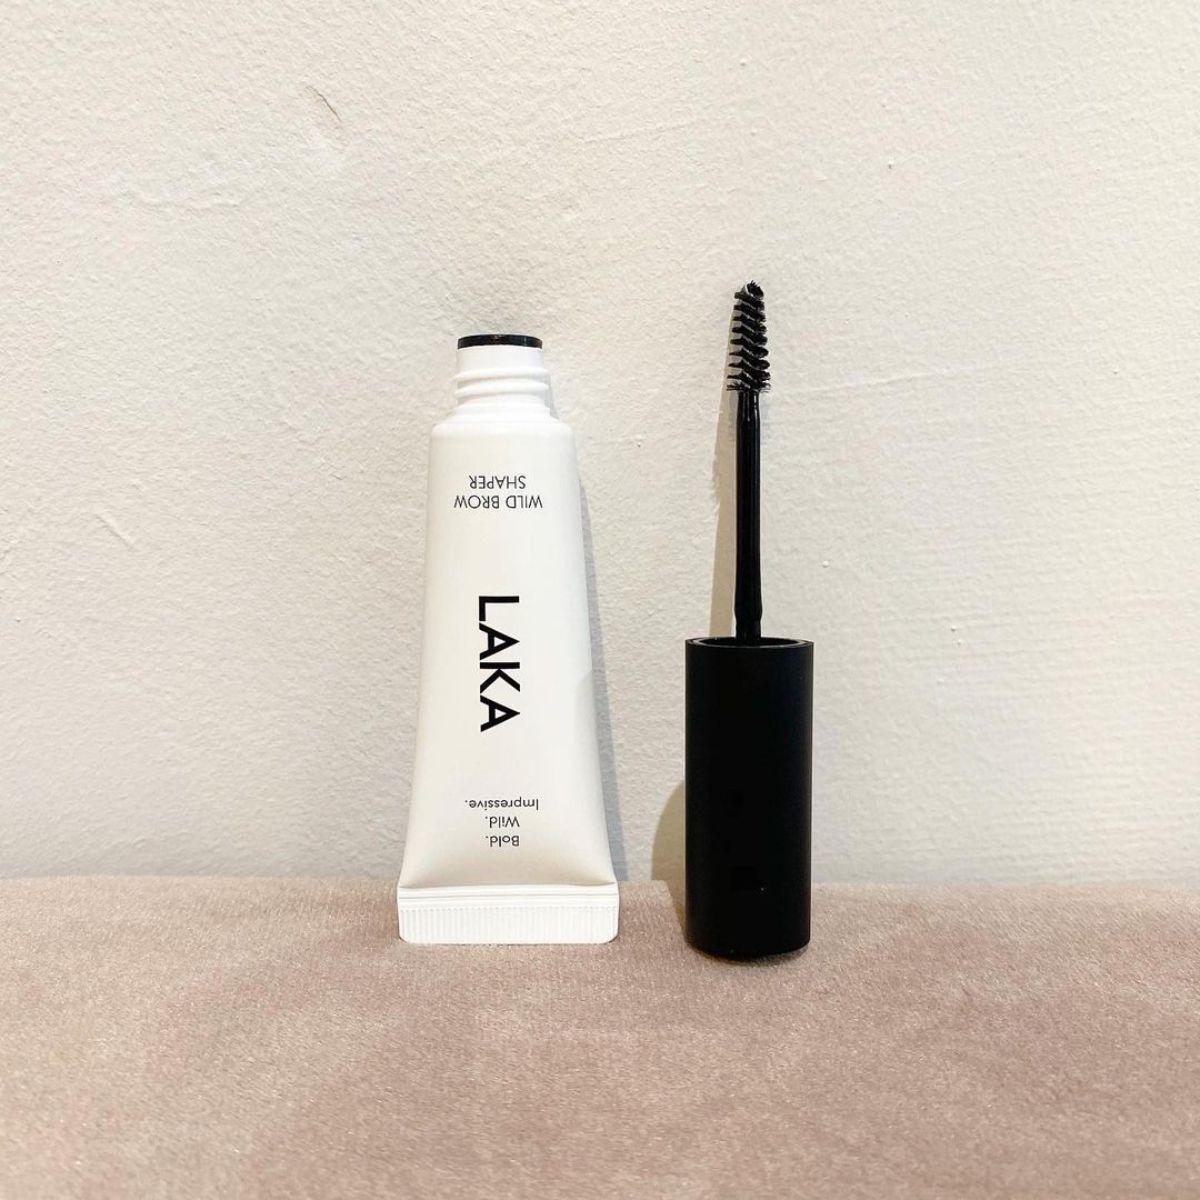 韓国でブームの「ナチュラル眉毛」が気になる♡メイクに抜け感を出すならLAKAのアイブロウシェイパーを